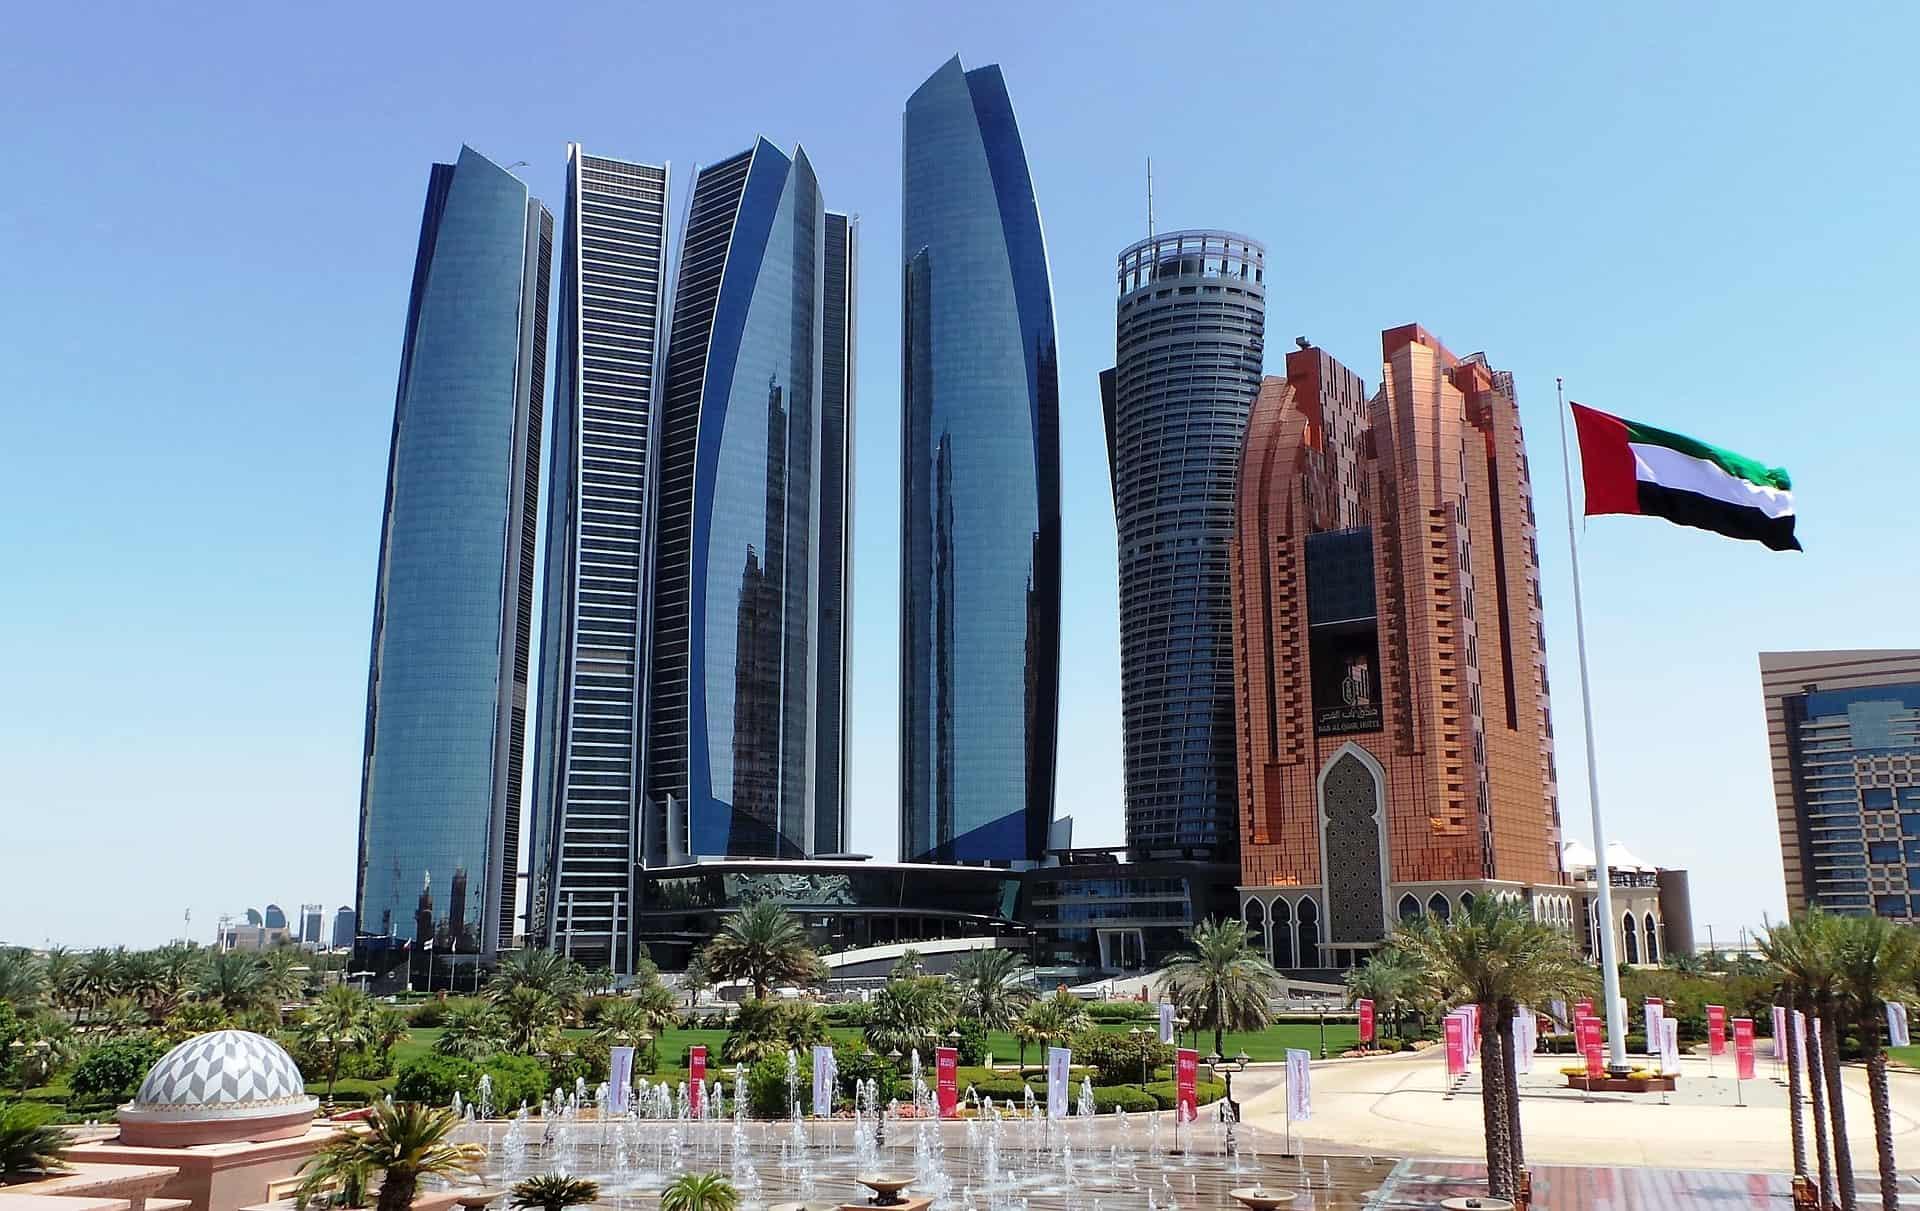 Die modernste Architektur erwartet euch in dem Vereinigten Arabischen Emiraten